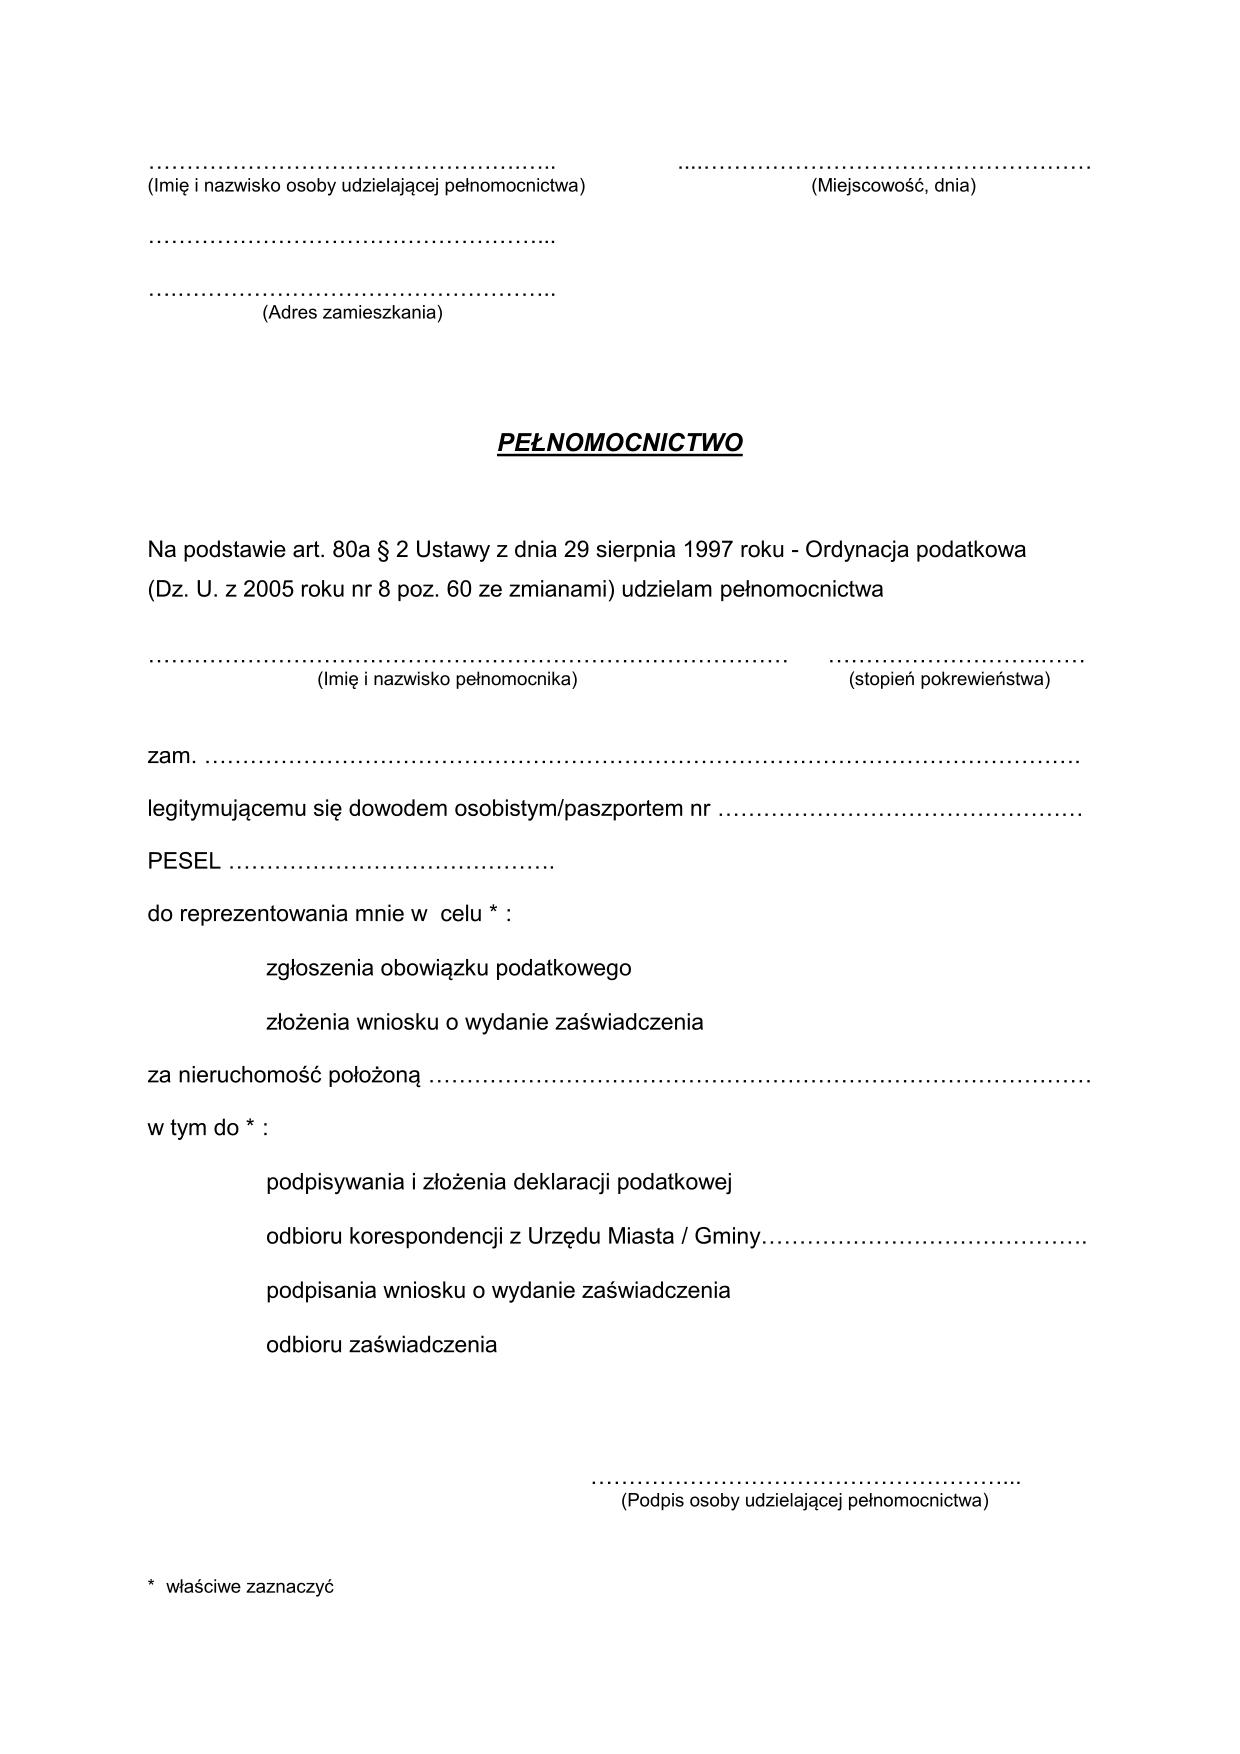 Ppod Pełnomocnictwo do załatwienia spraw podatkowych w Urzędzie Skarbowym lub Urzędzie Miasta (Gminy)